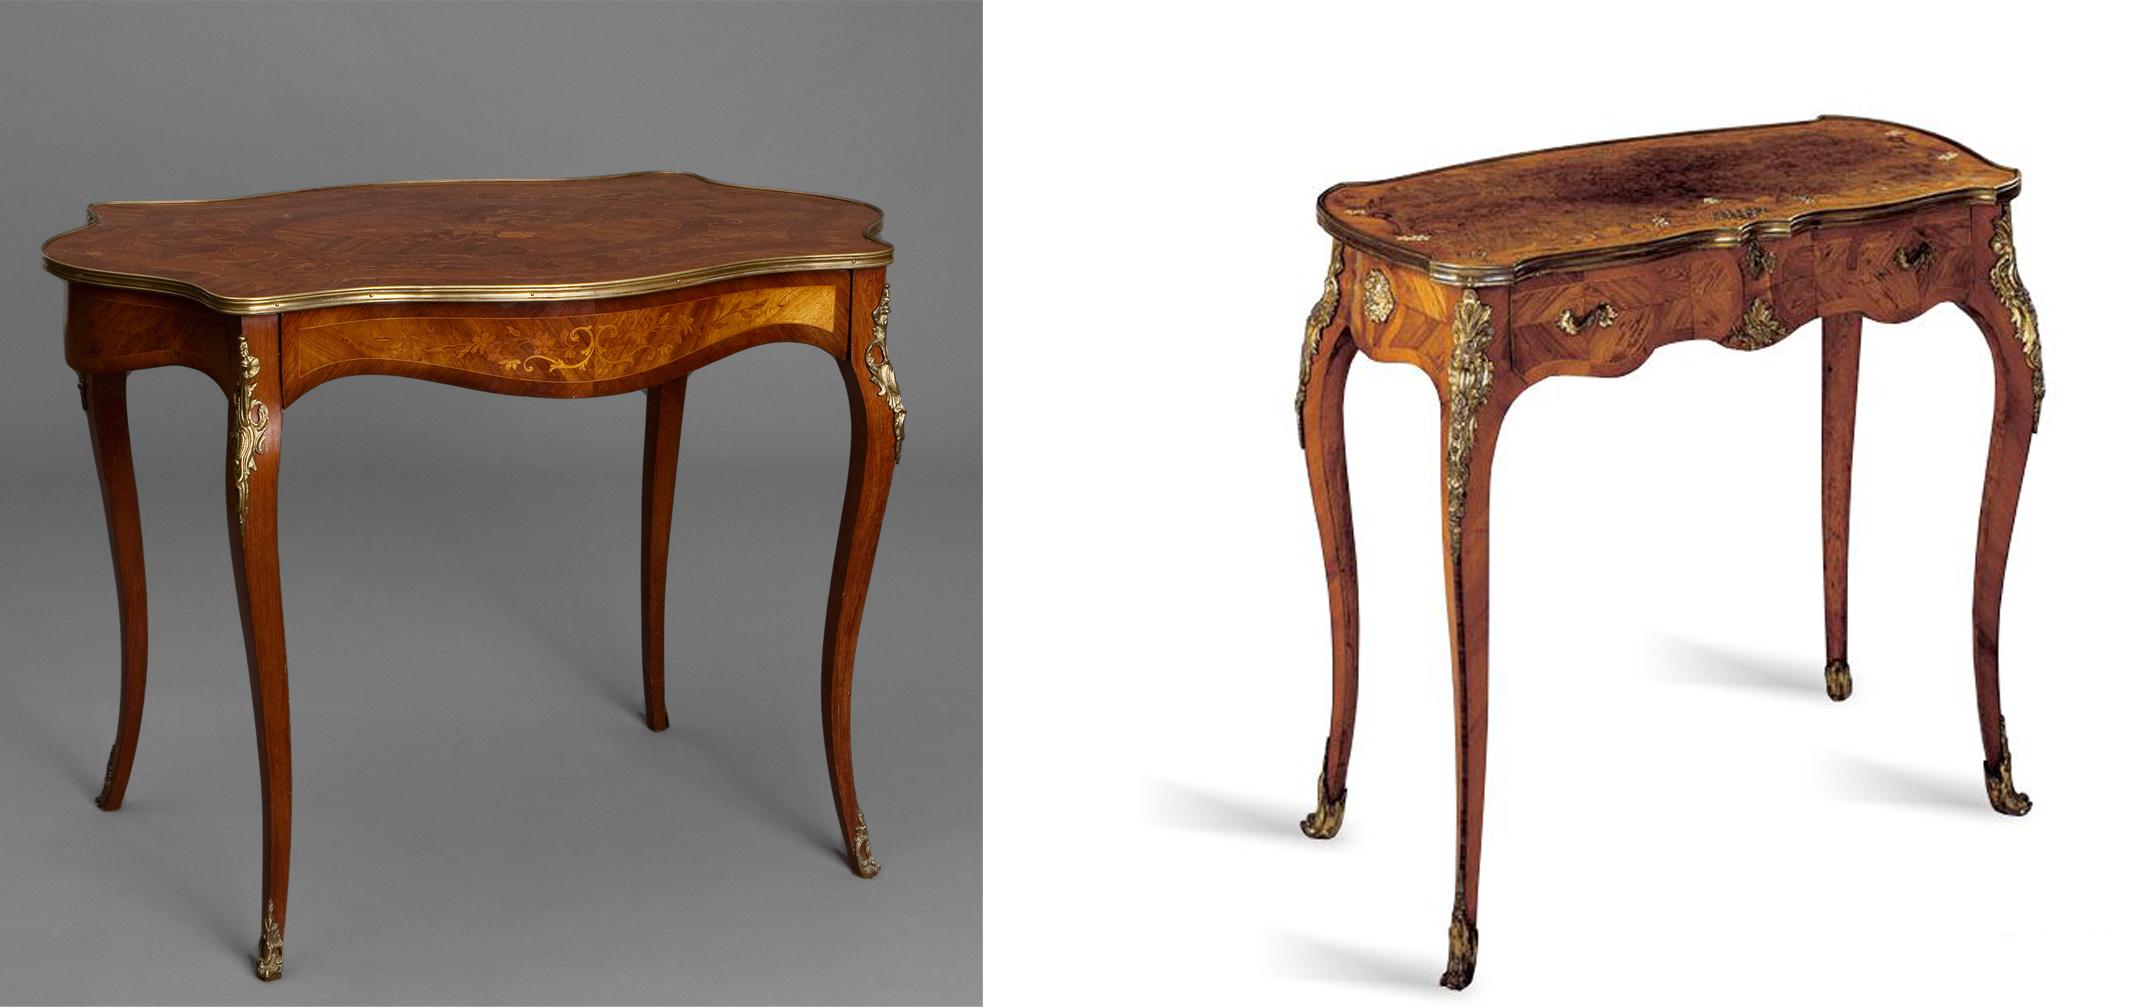 El mueble franc s del siglo xviii taller y medio - Mesas auxiliares antiguas ...